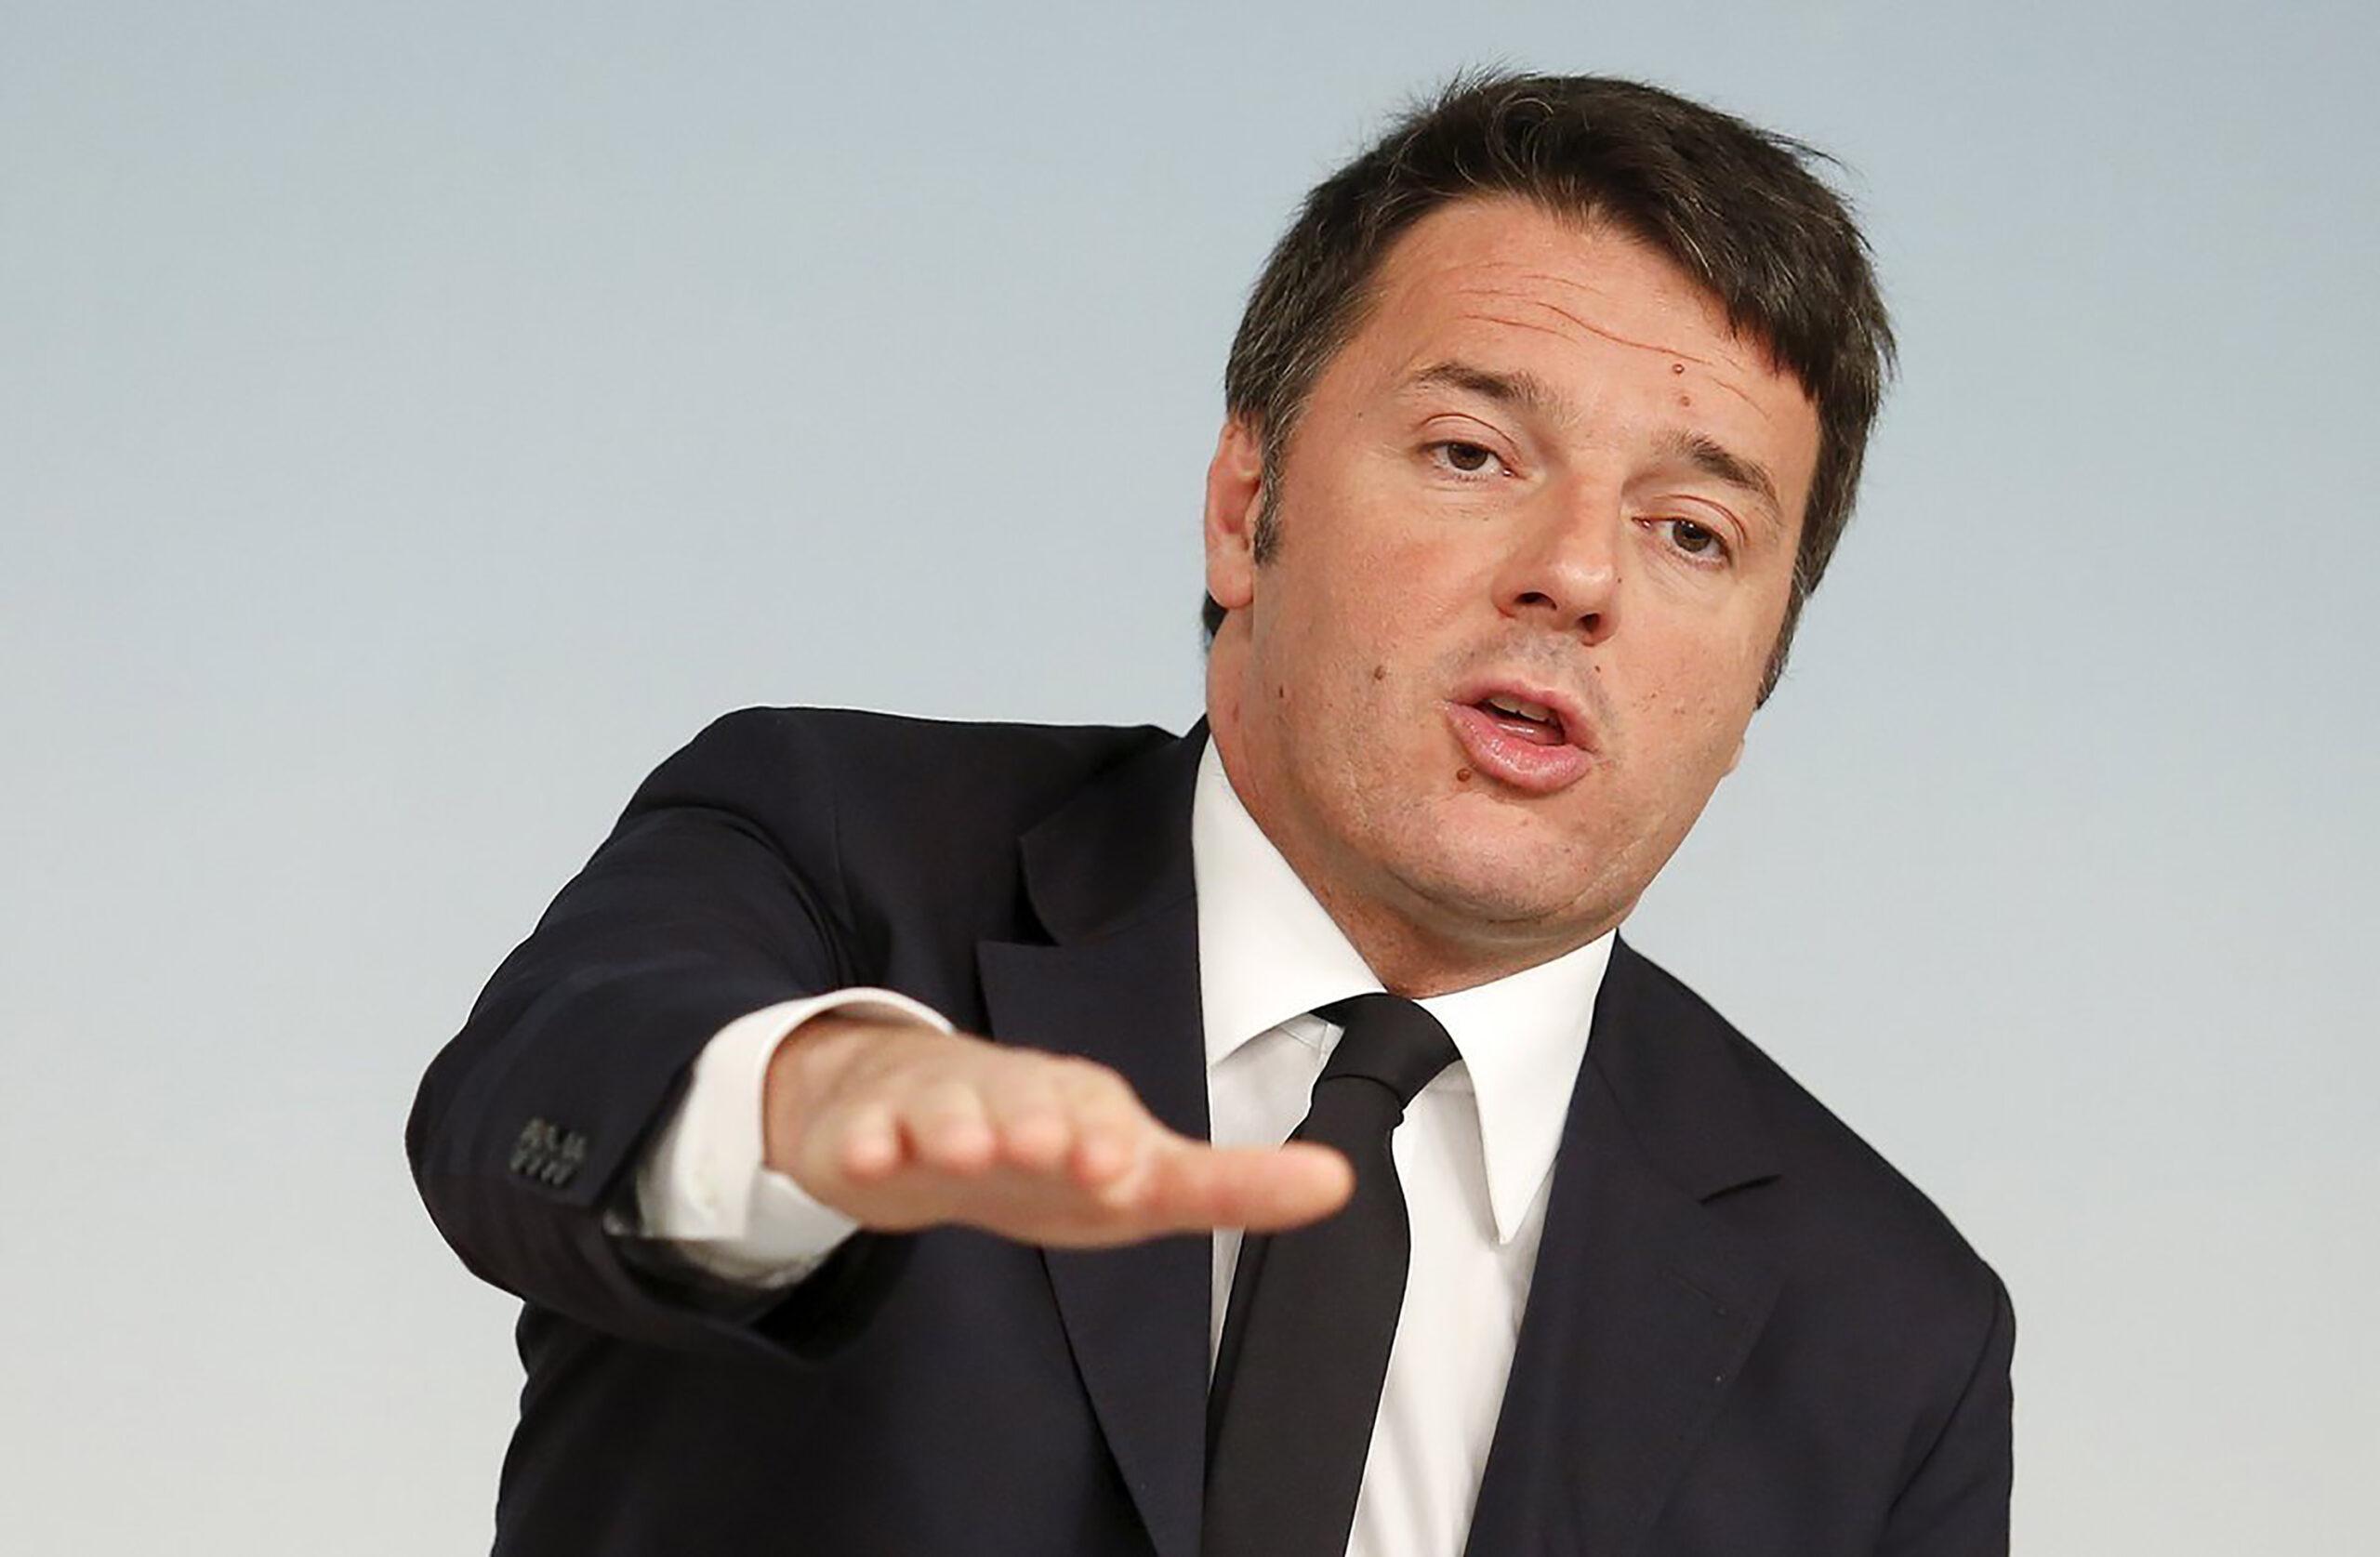 Ραγδαίες εξελίξεις στην Ιταλία – Παραιτούνται οι υπουργοί του Ρέντσι